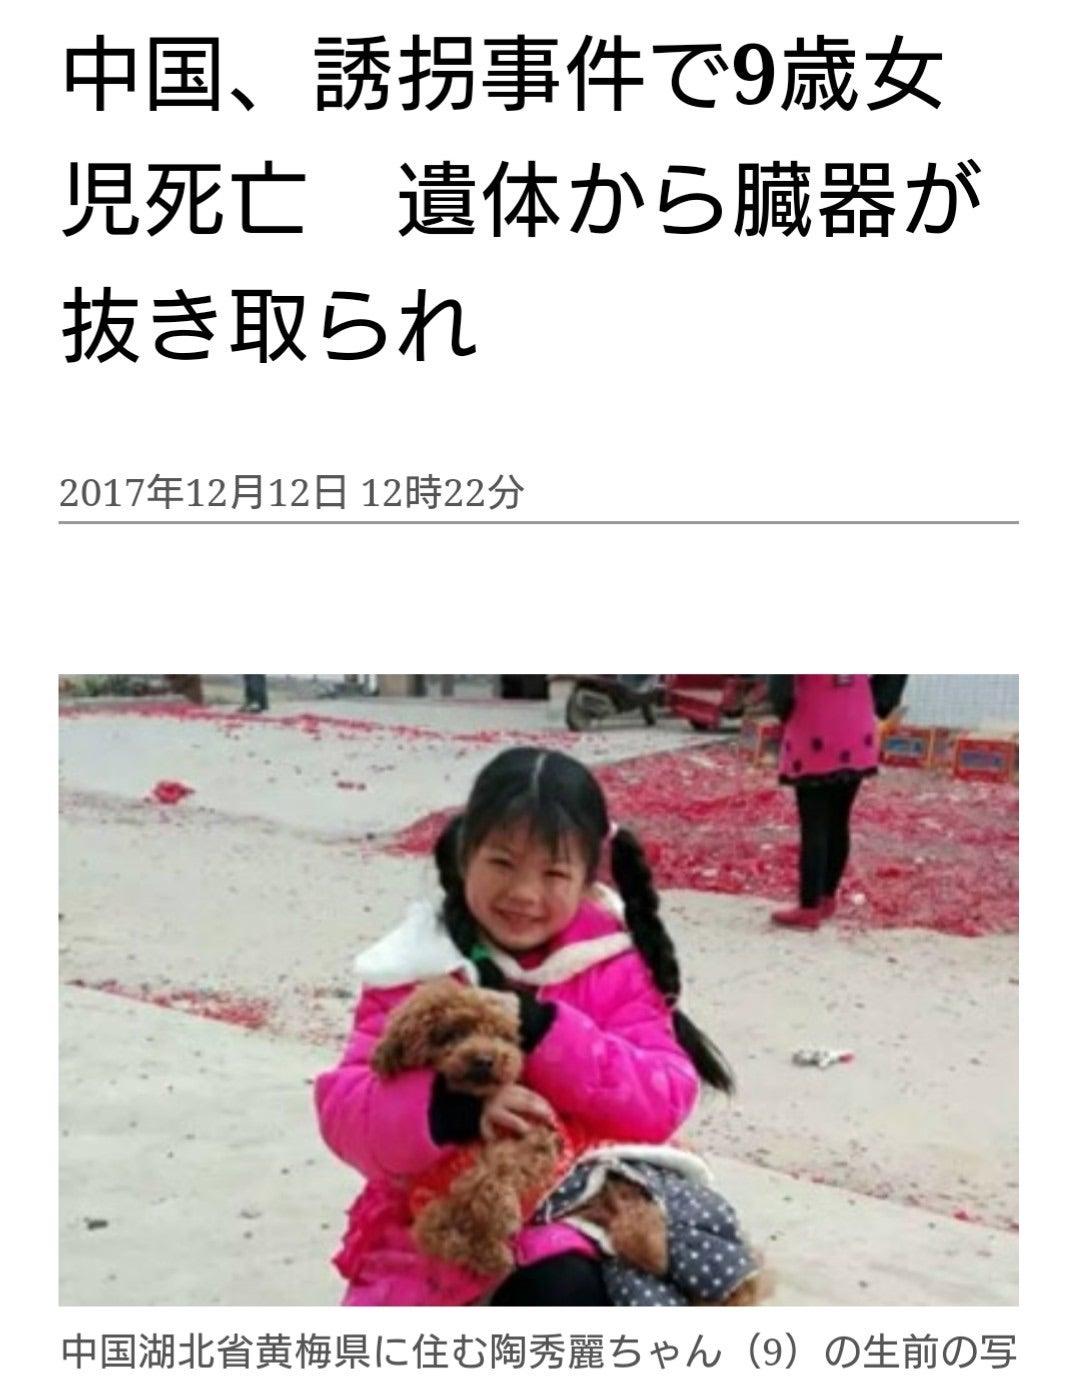 売買 目的 人身 人身取引・売買は日本の子どもたちにも起こっている?日本の法規制や対策、行われている支援とは